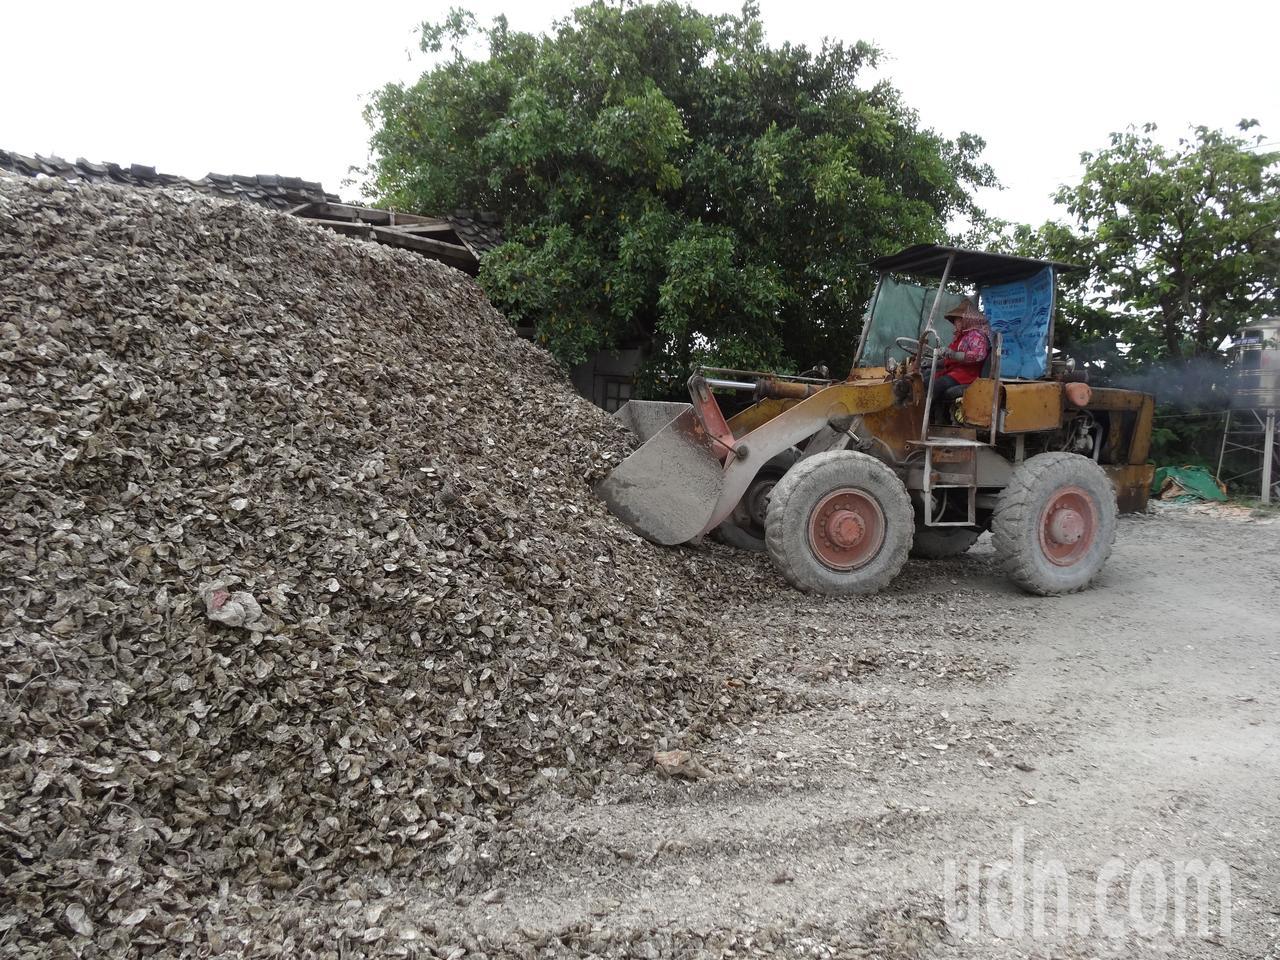 蚵殼變黃金!台糖明年在東石鄉投資建蚵殼回收處理廠